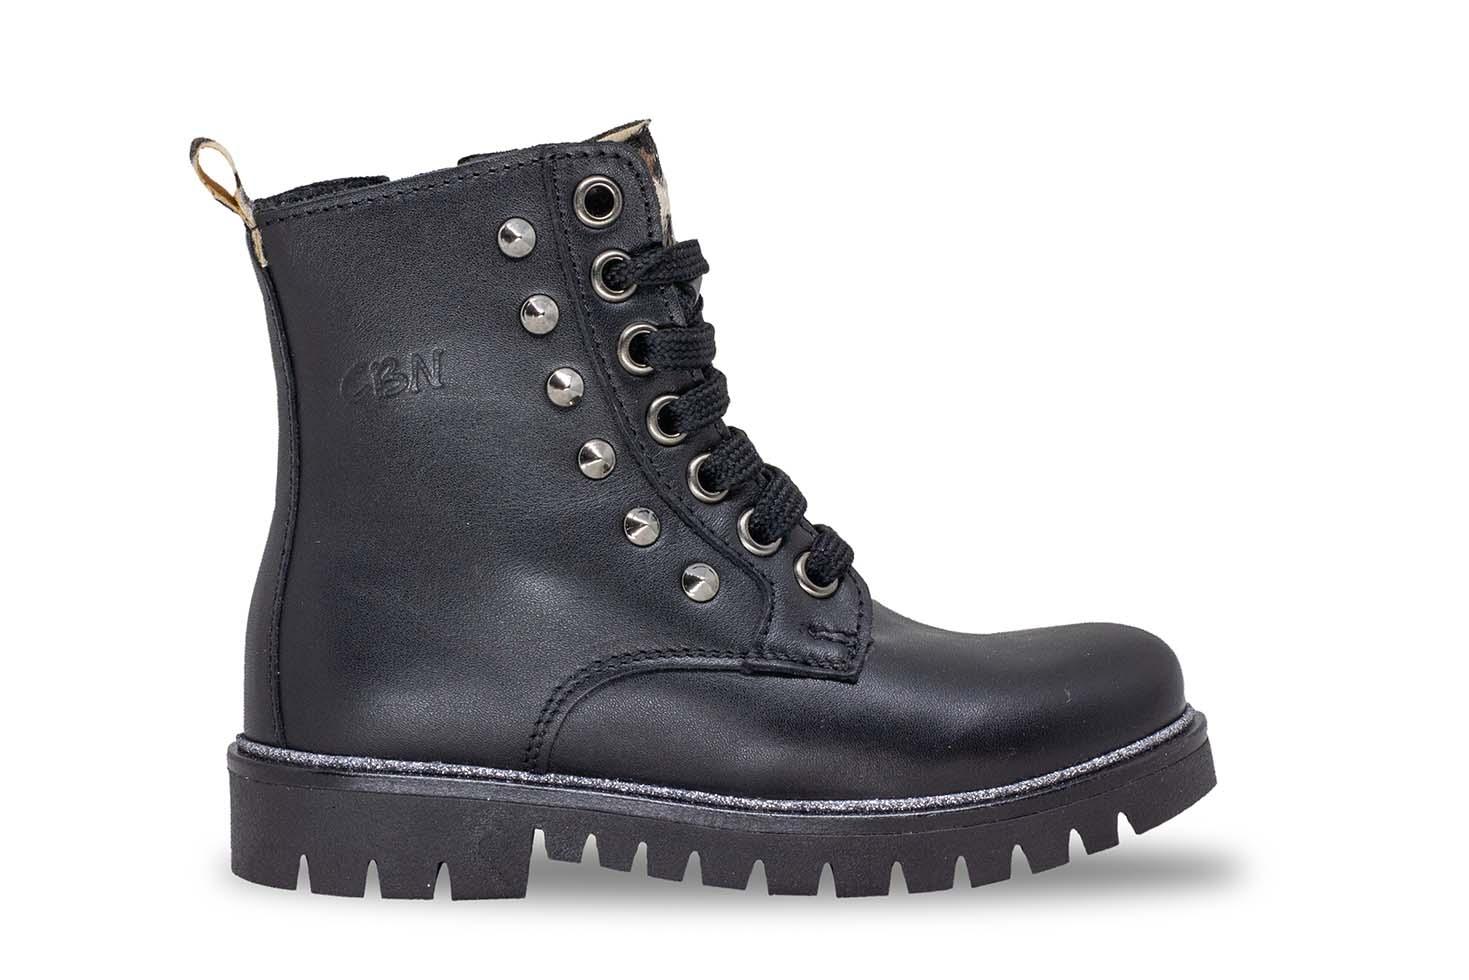 TRESOR 801892F BLACK